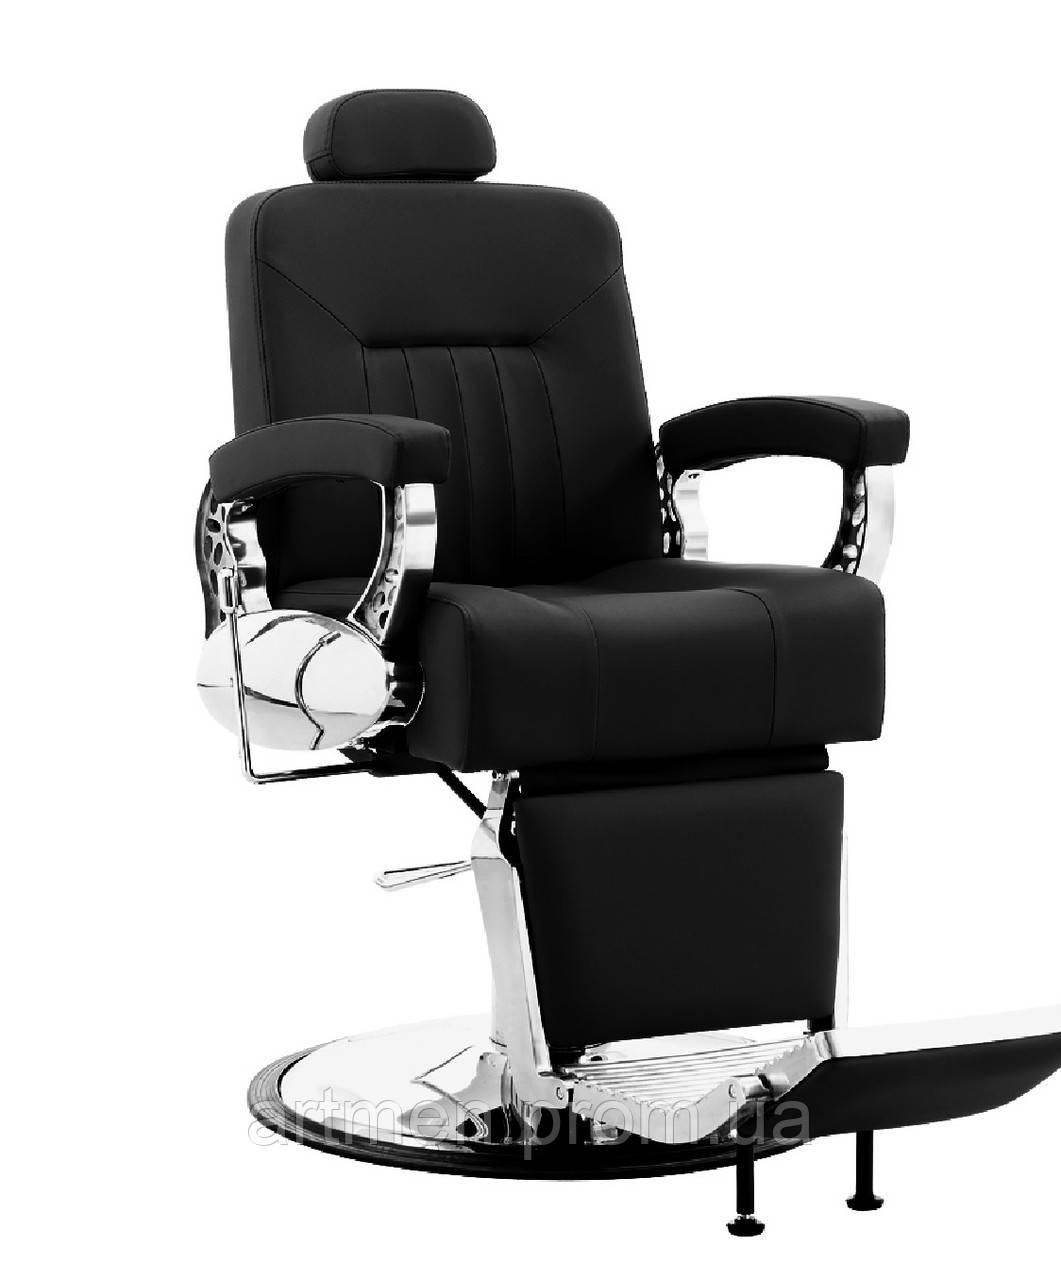 Парикмахерское кресло Brandon